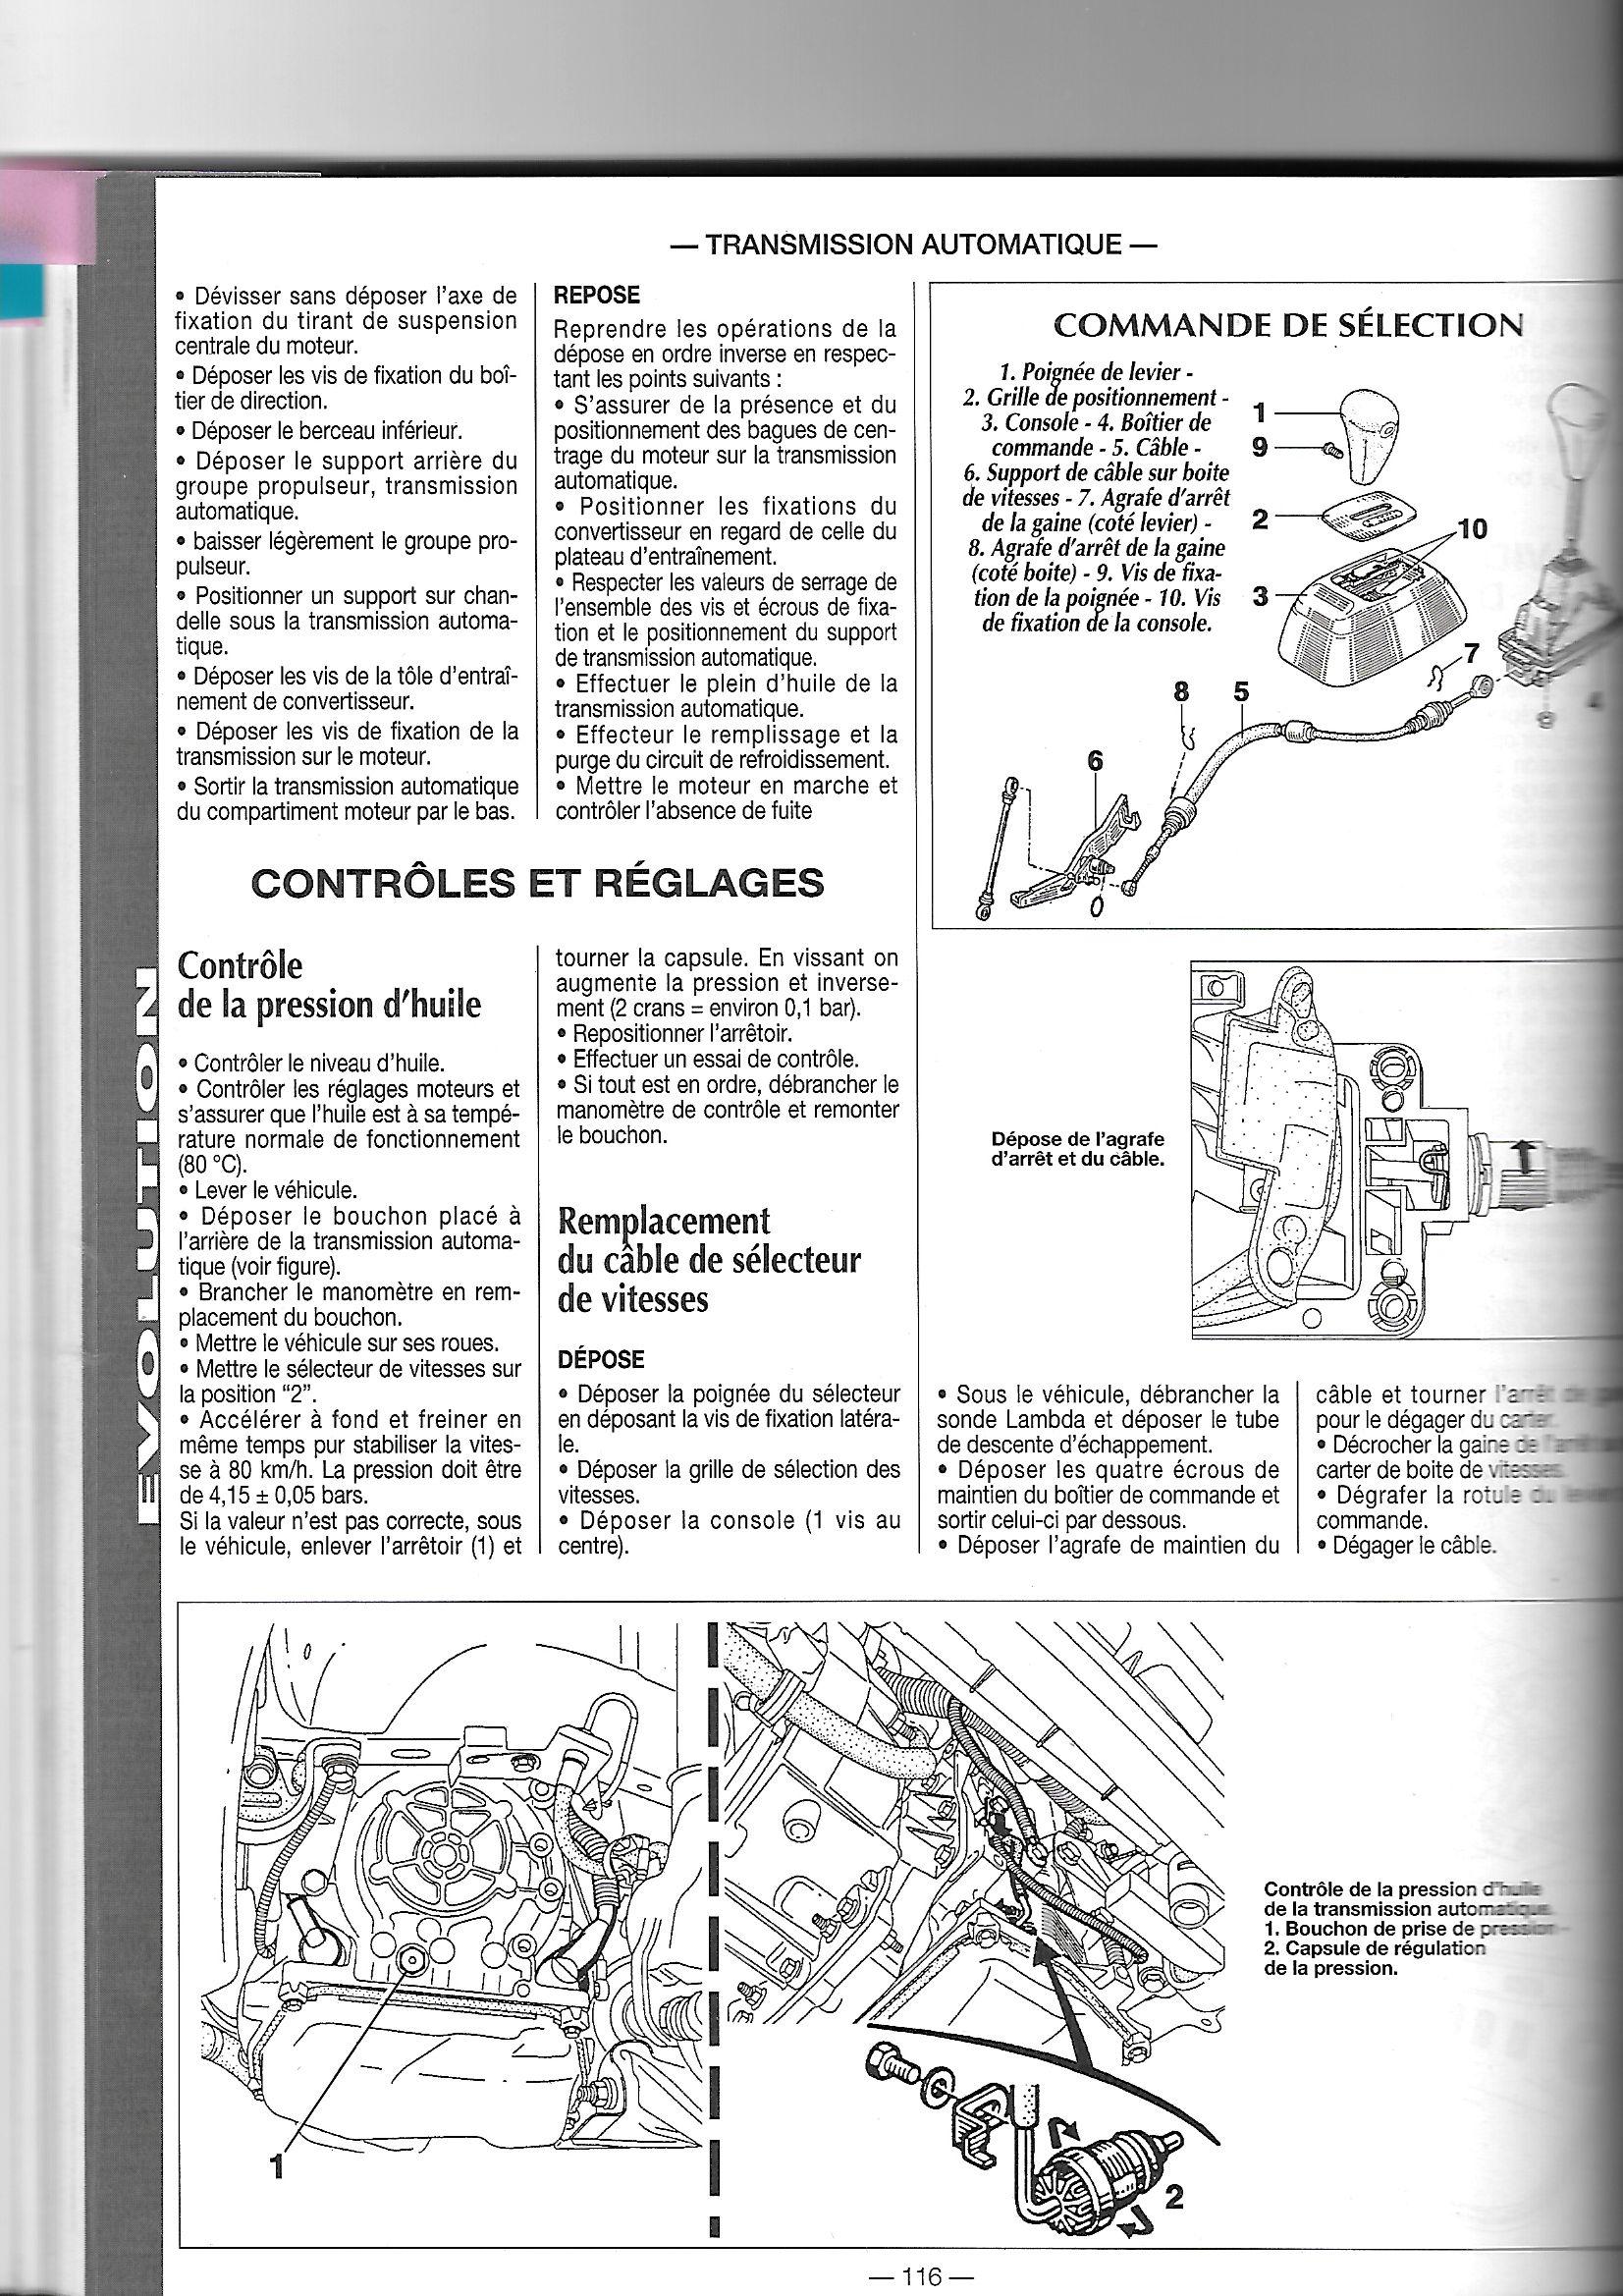 Fuite boîte à vitesse automatique - Page 3 5b803432308fb